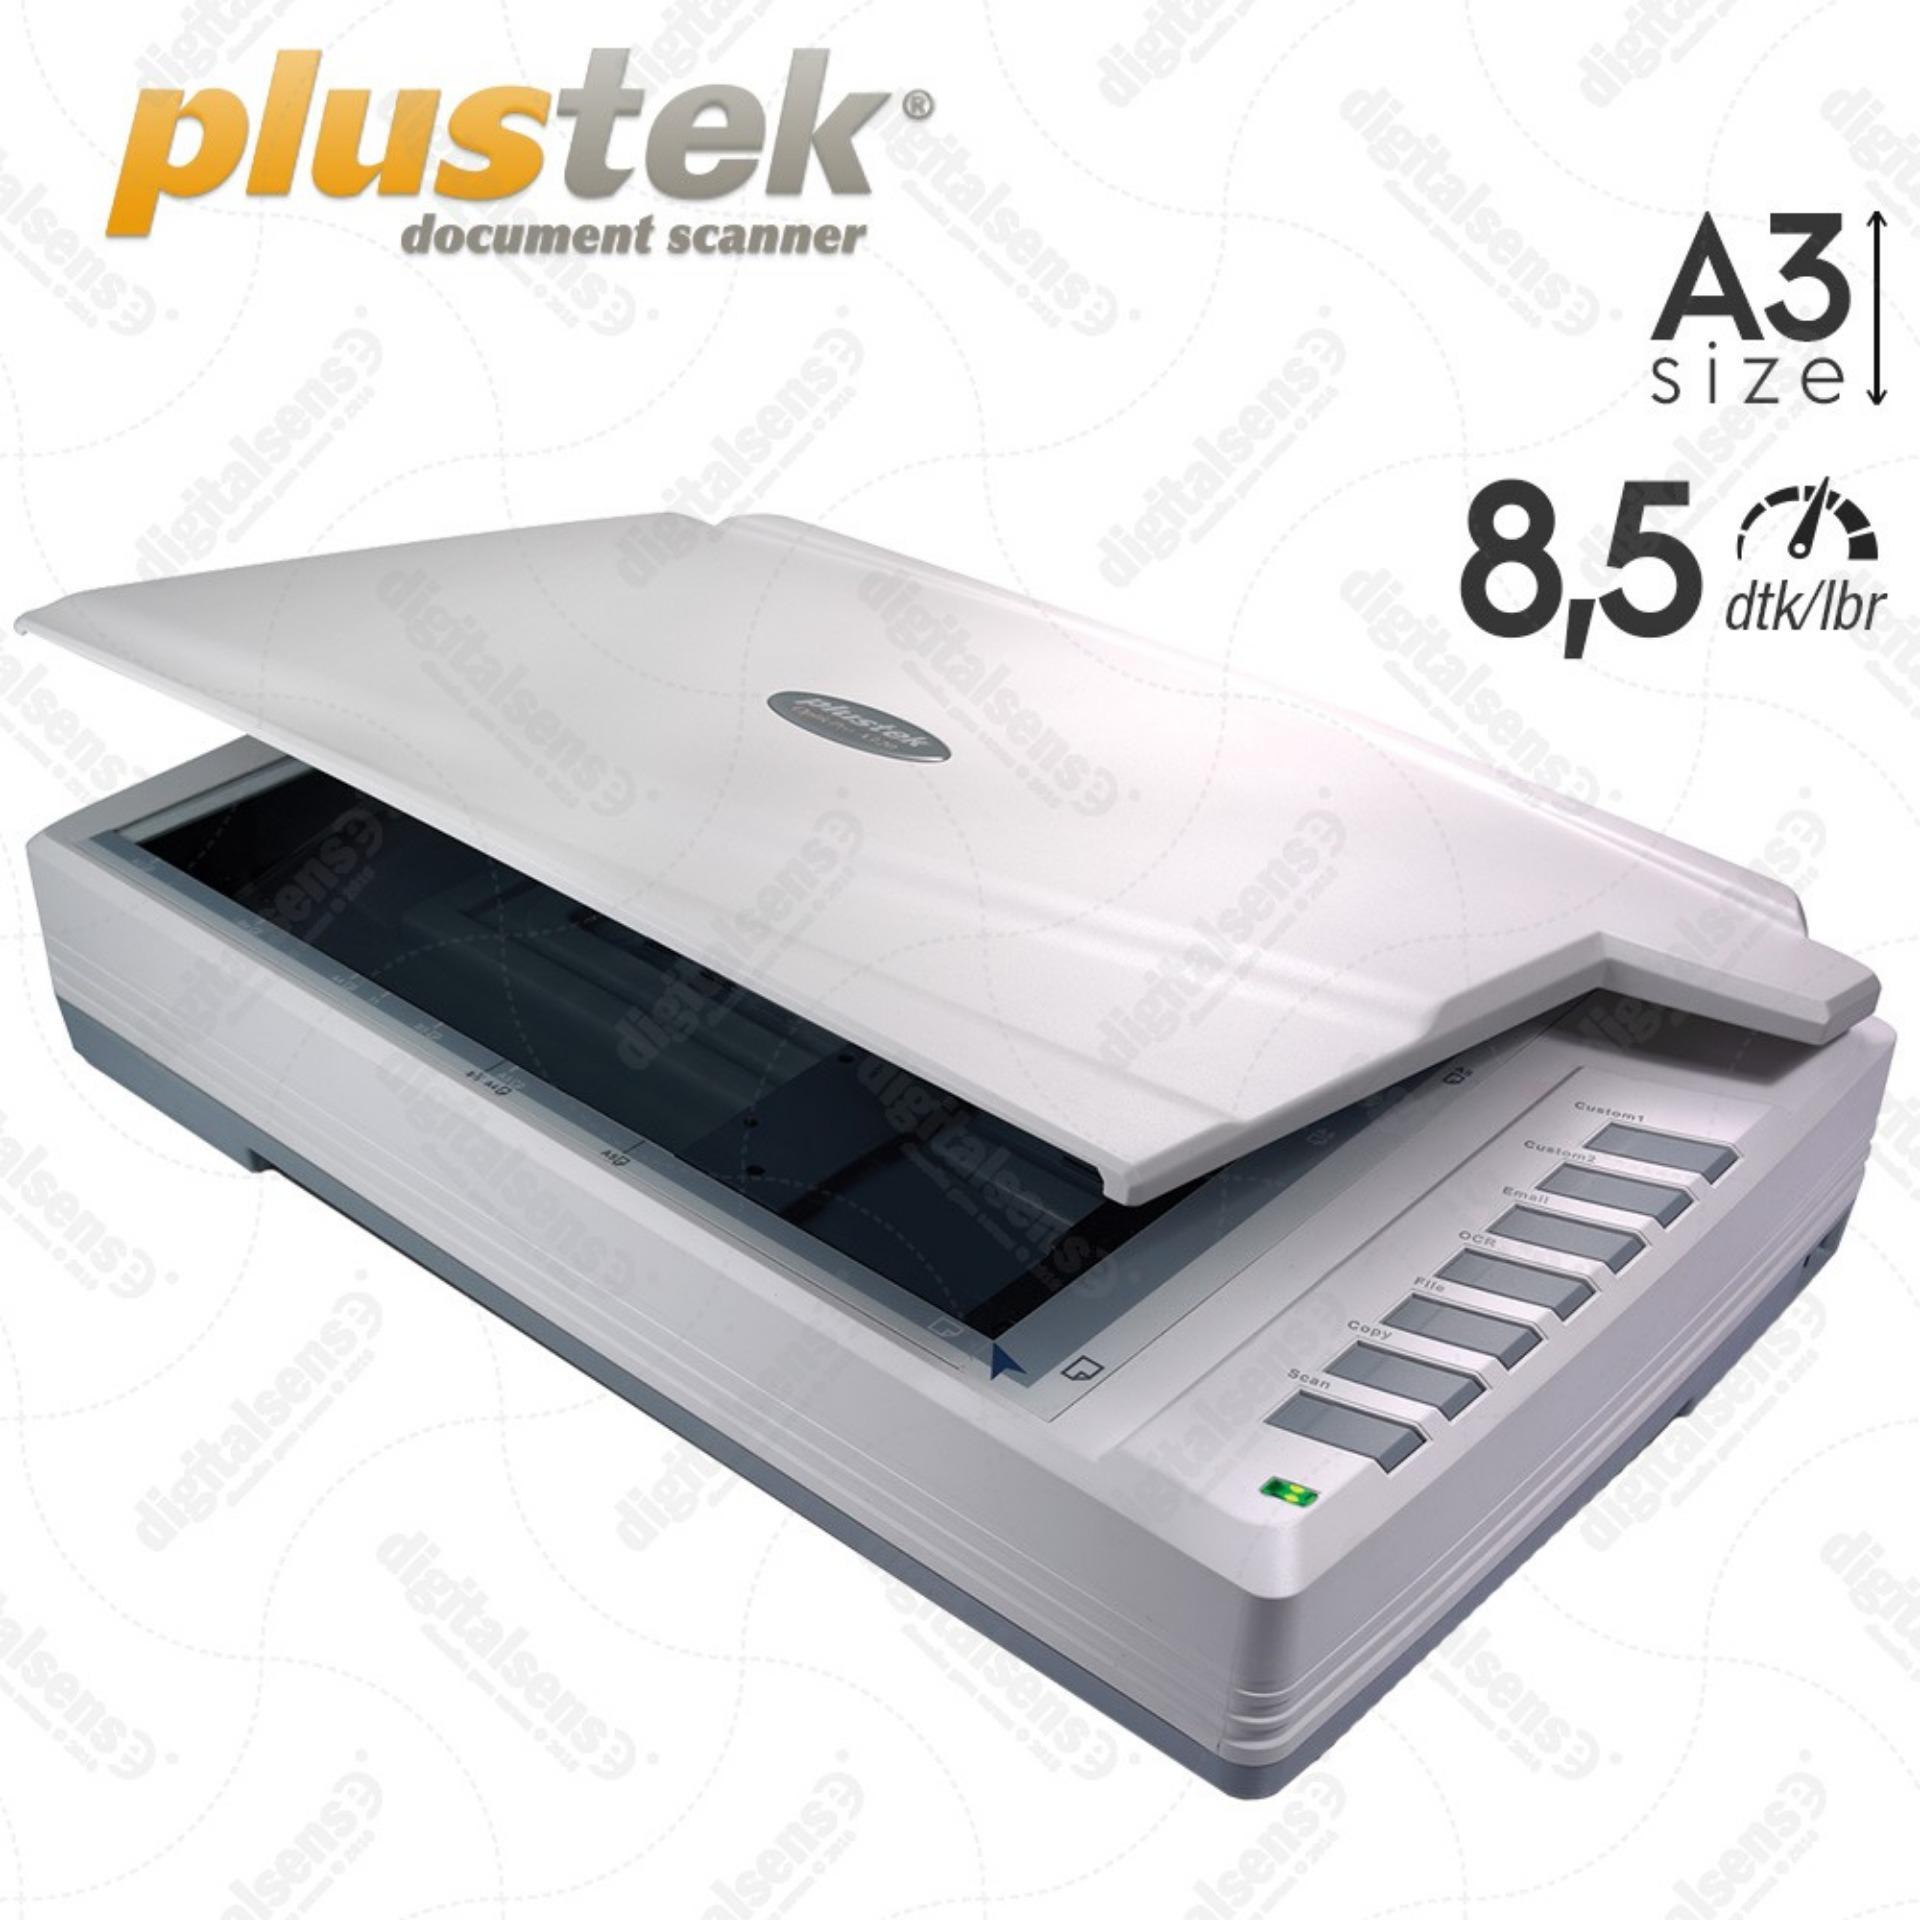 Beli Plustek Scanner Flatbed A320 A3 8 5 Detik Lbr Putih Online Dki Jakarta